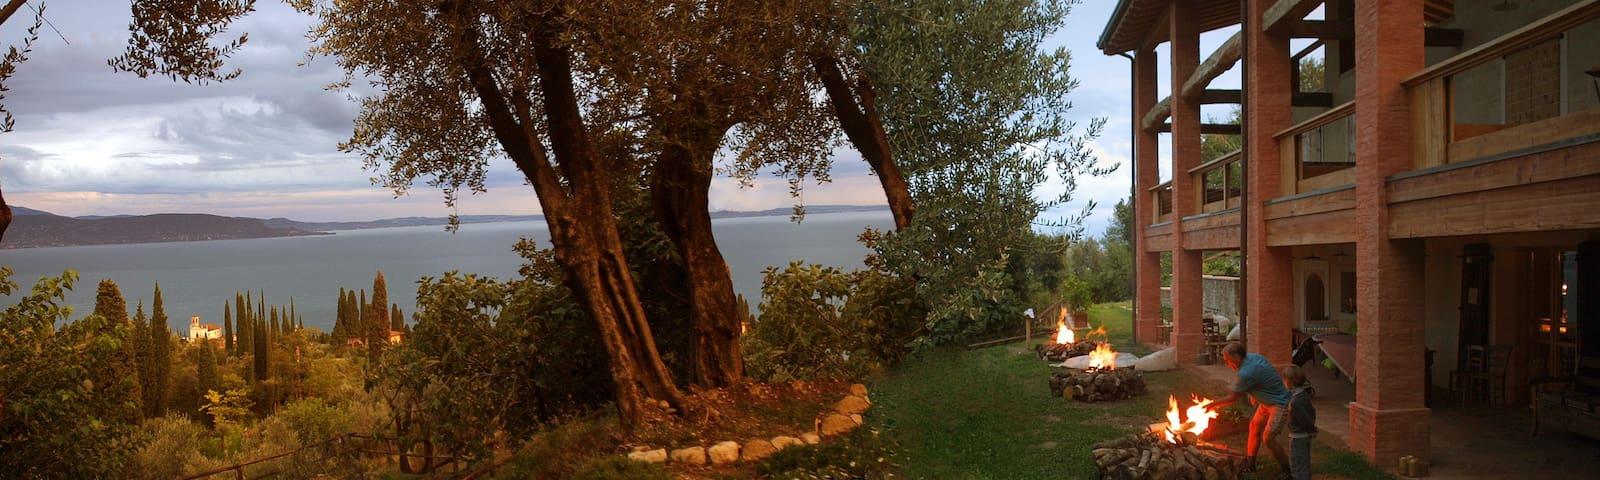 BIO B&B Casa di vacance Due di Moro - Gardone Riviera - Bed & Breakfast